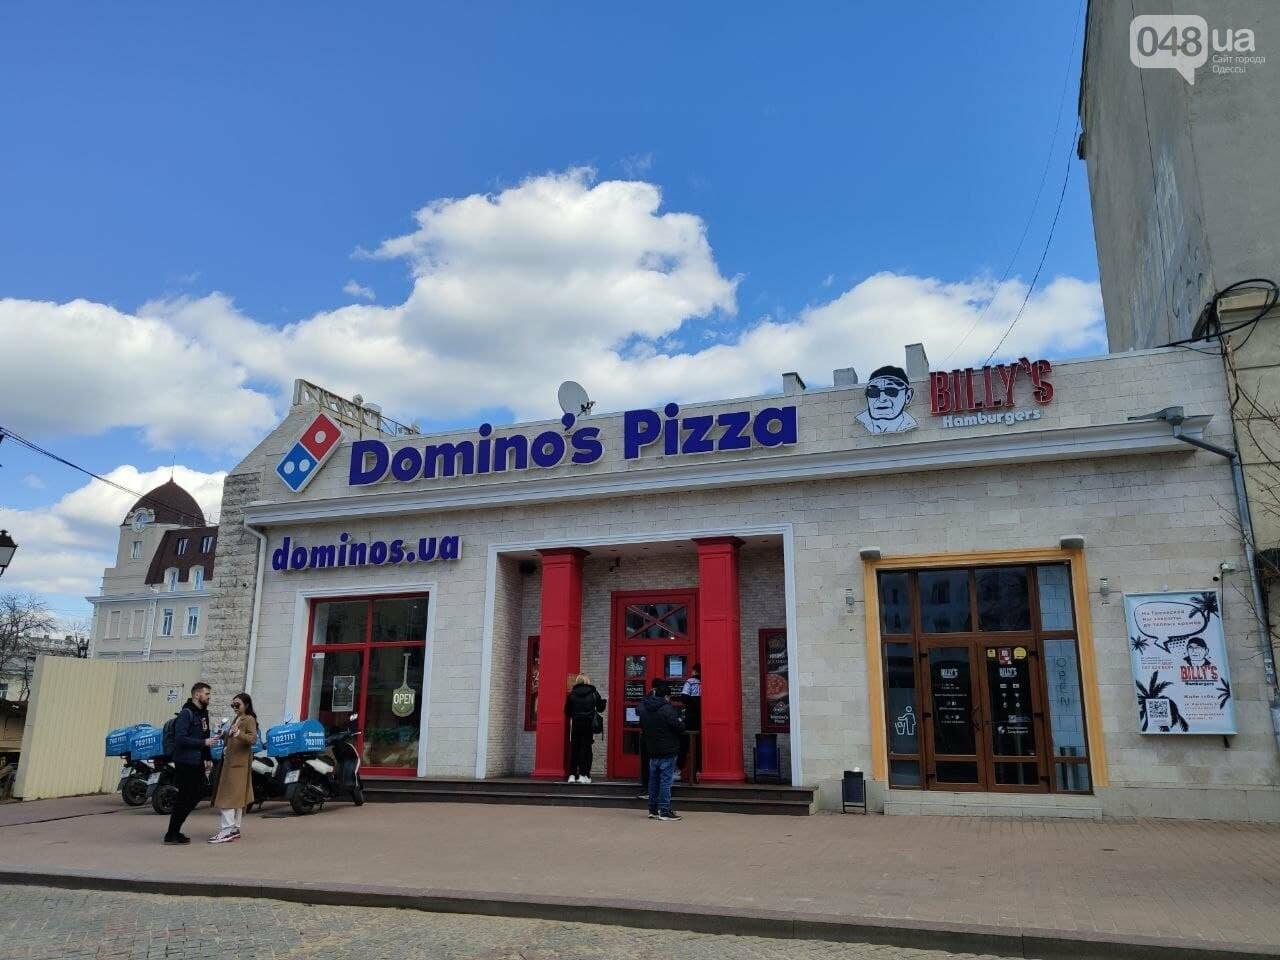 Закрыты не все: как в Одессе работают кафе и рестораны, - ФОТО, фото-1